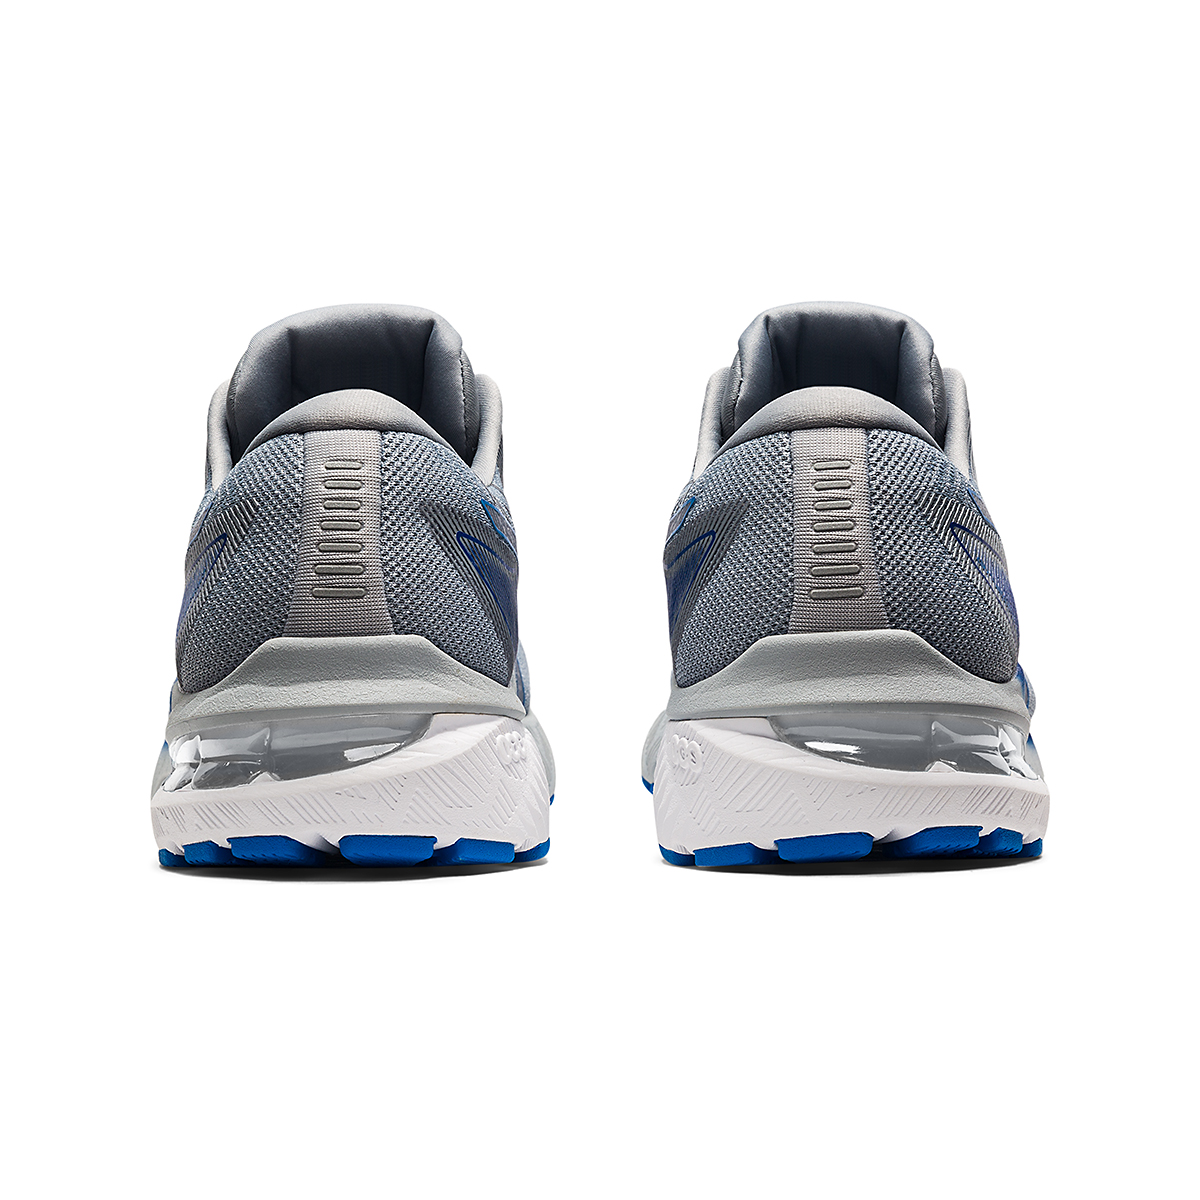 Men's Asics GT-2000 10 Running Shoe - Color: Sheet Rock/Electric Blue - Size: 7 - Width: Wide, Sheet Rock/Electric Blue, large, image 5